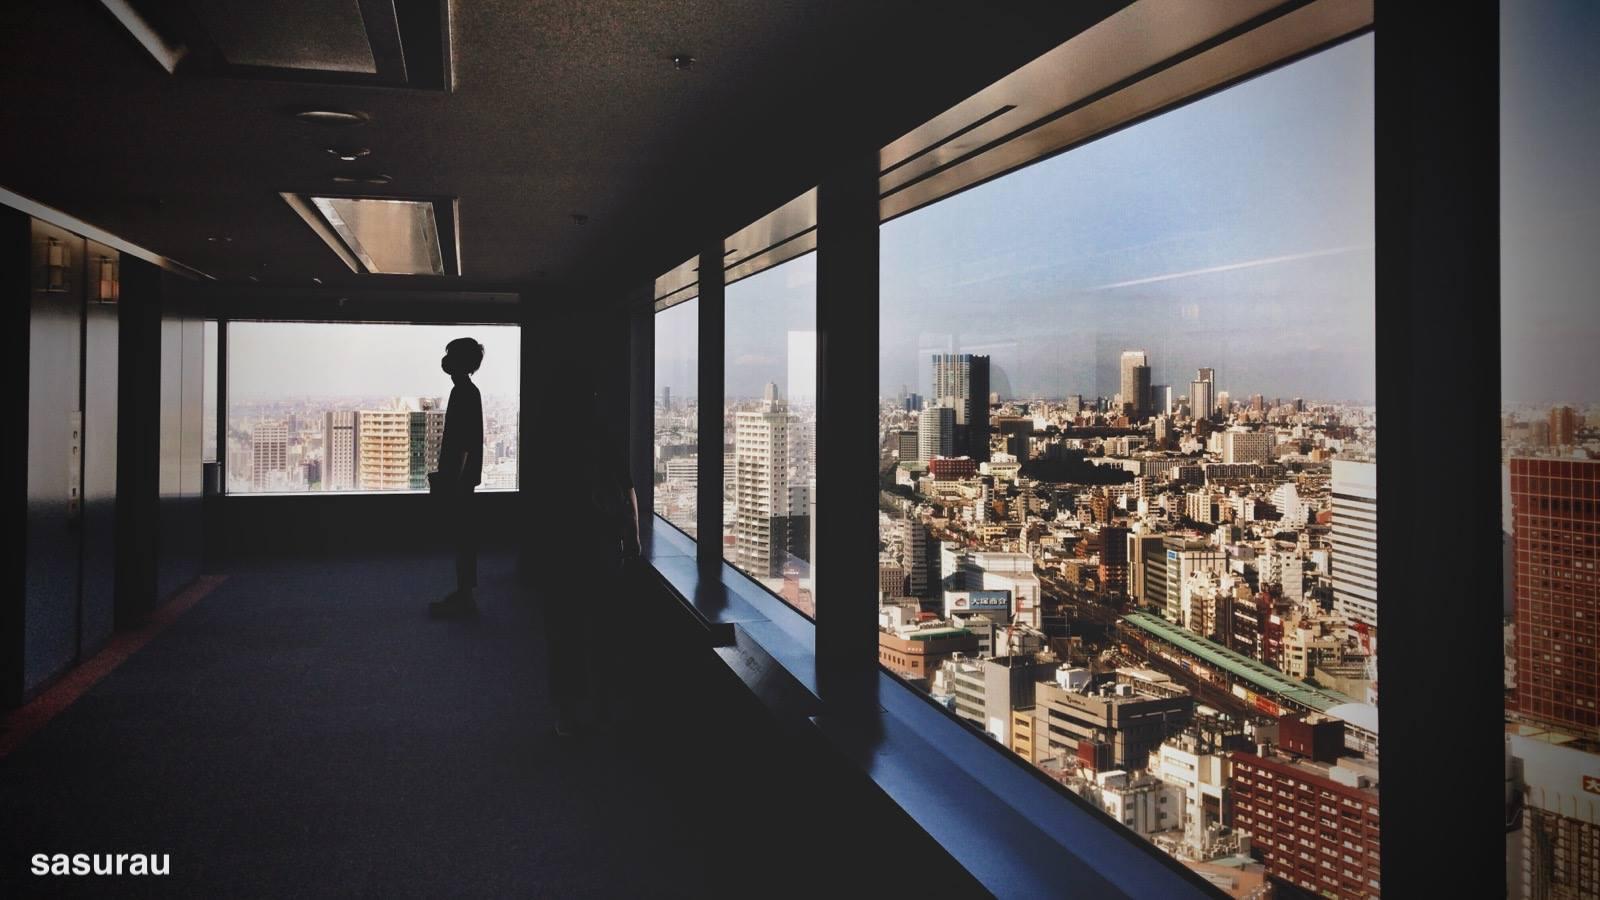 三井公一さんの写真